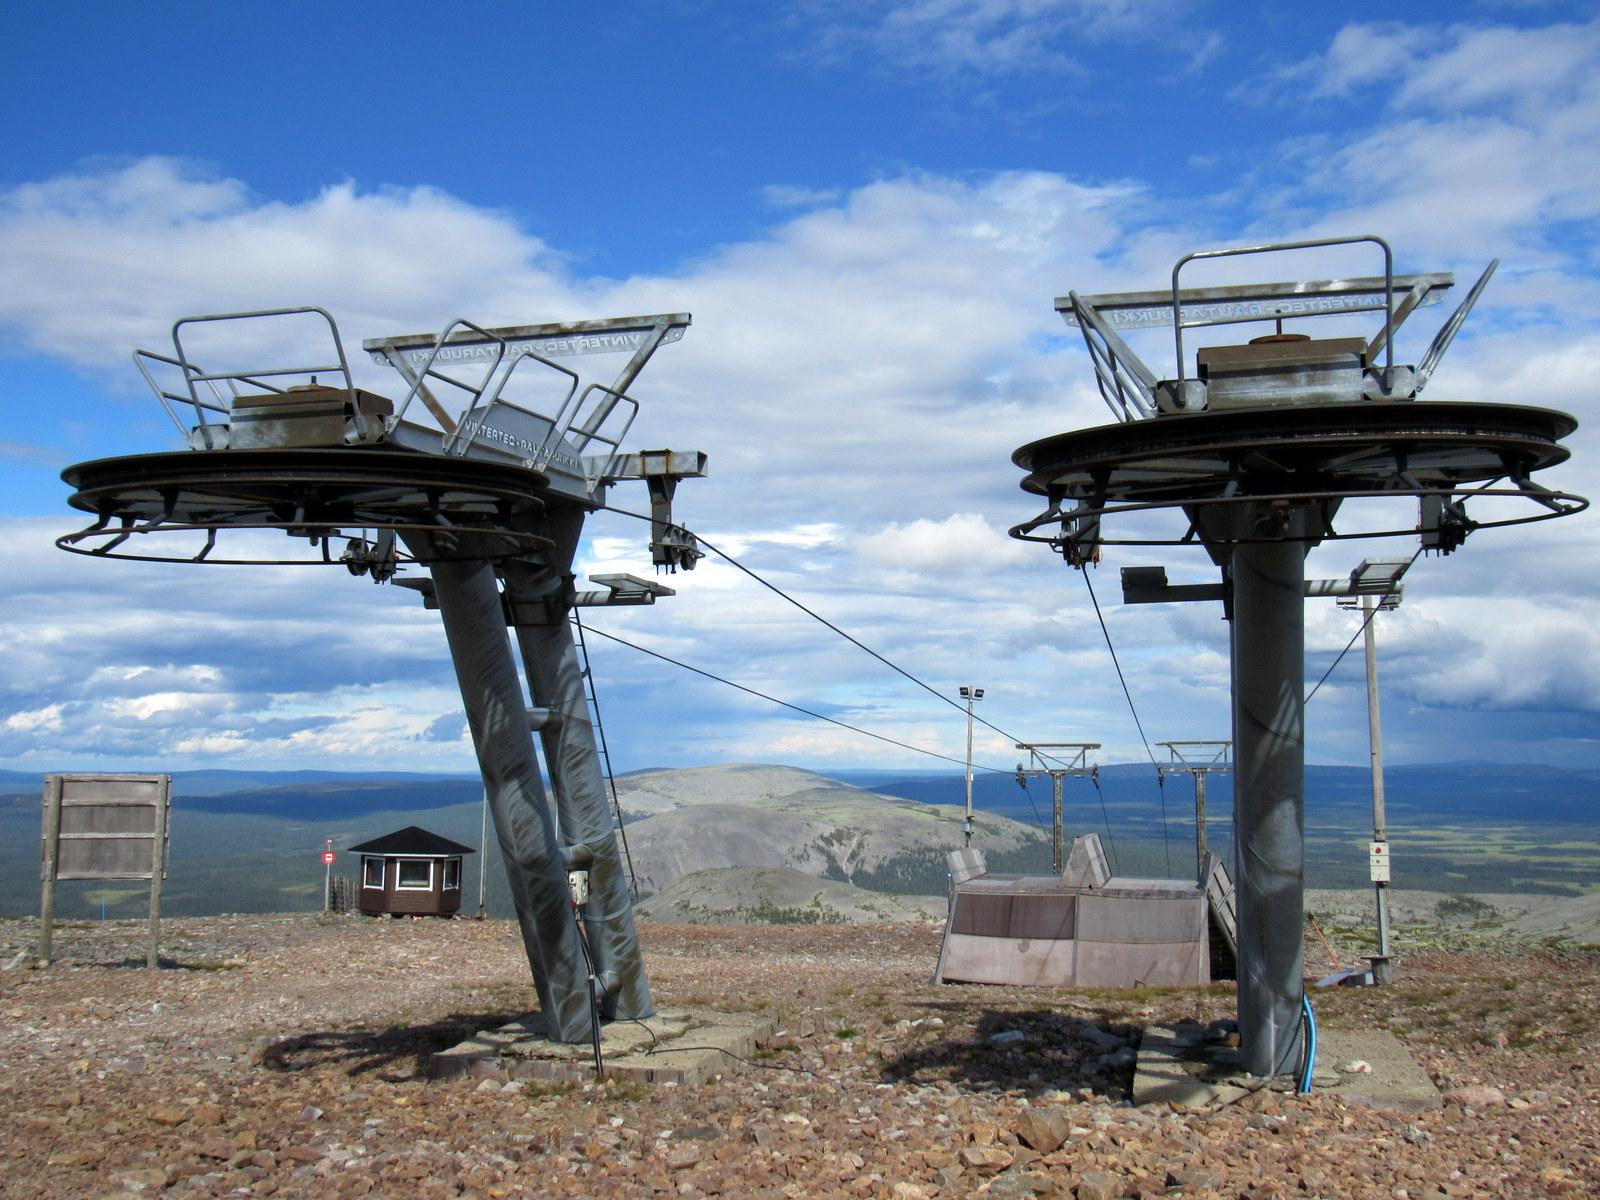 Yllästunturi. Pääsimme hiihtohisseille. Aikamoisia metallirohjakkeita.